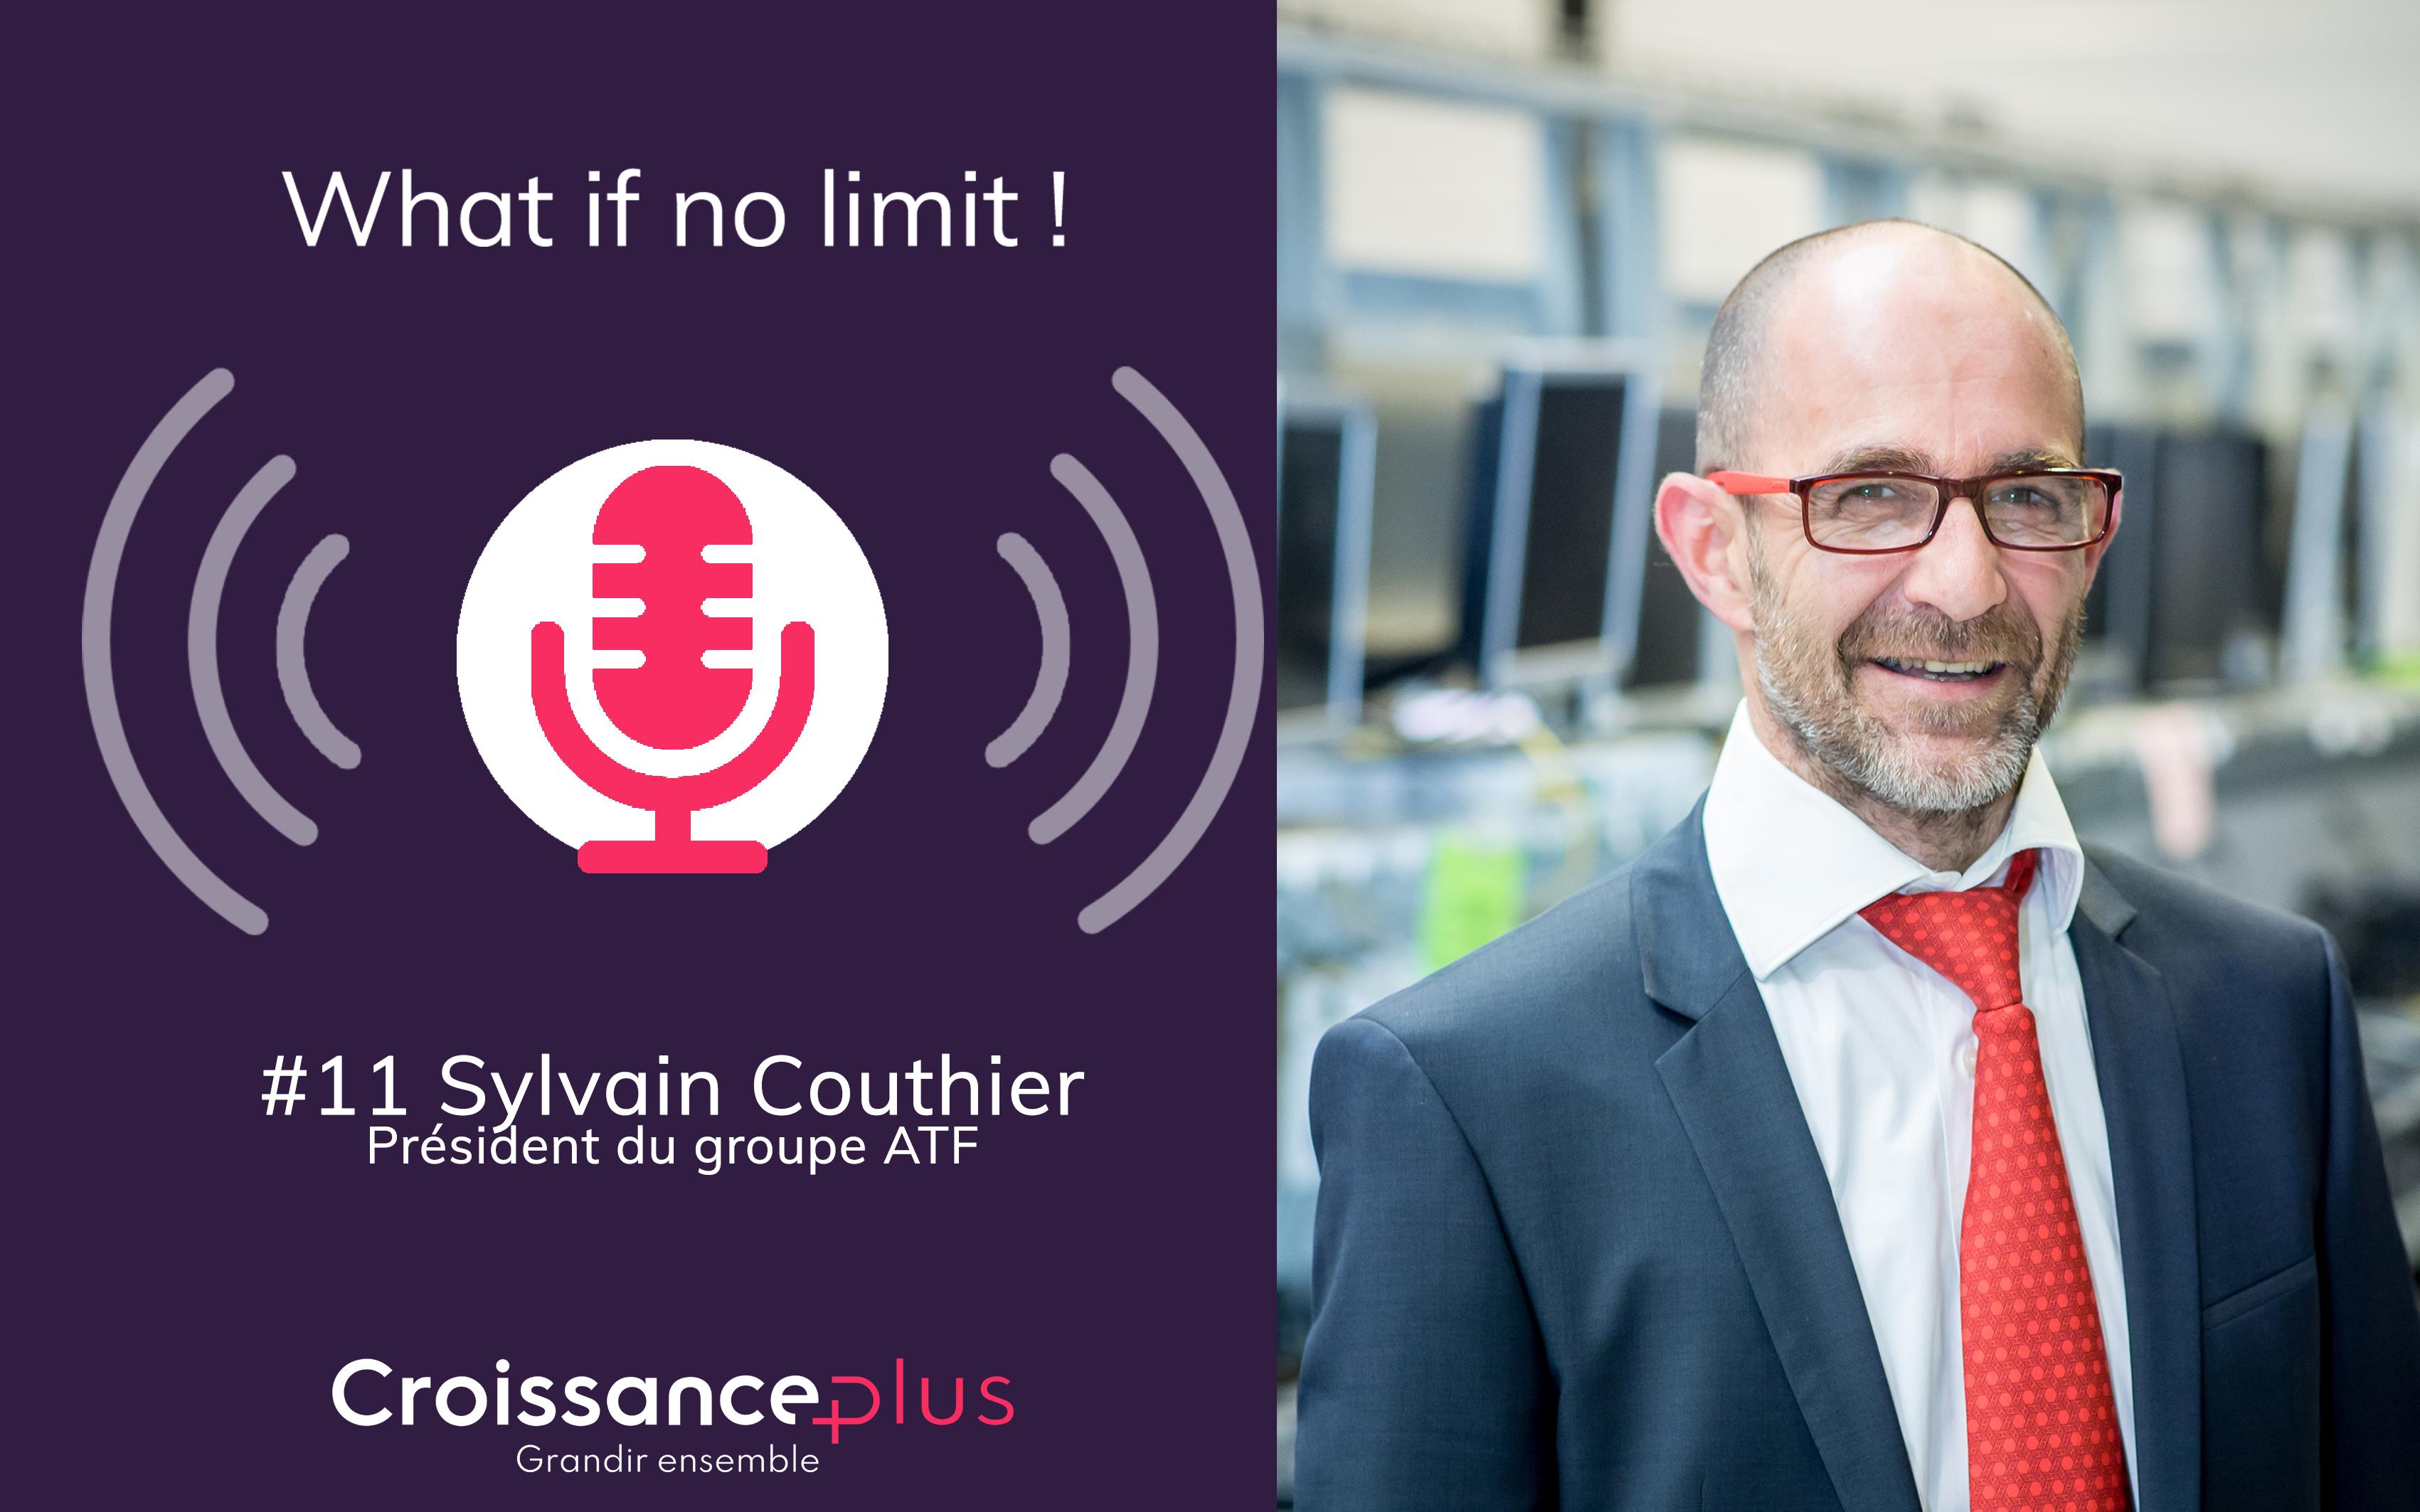 Podcast : nouvel épisode disponible avec Sylvain Couthier